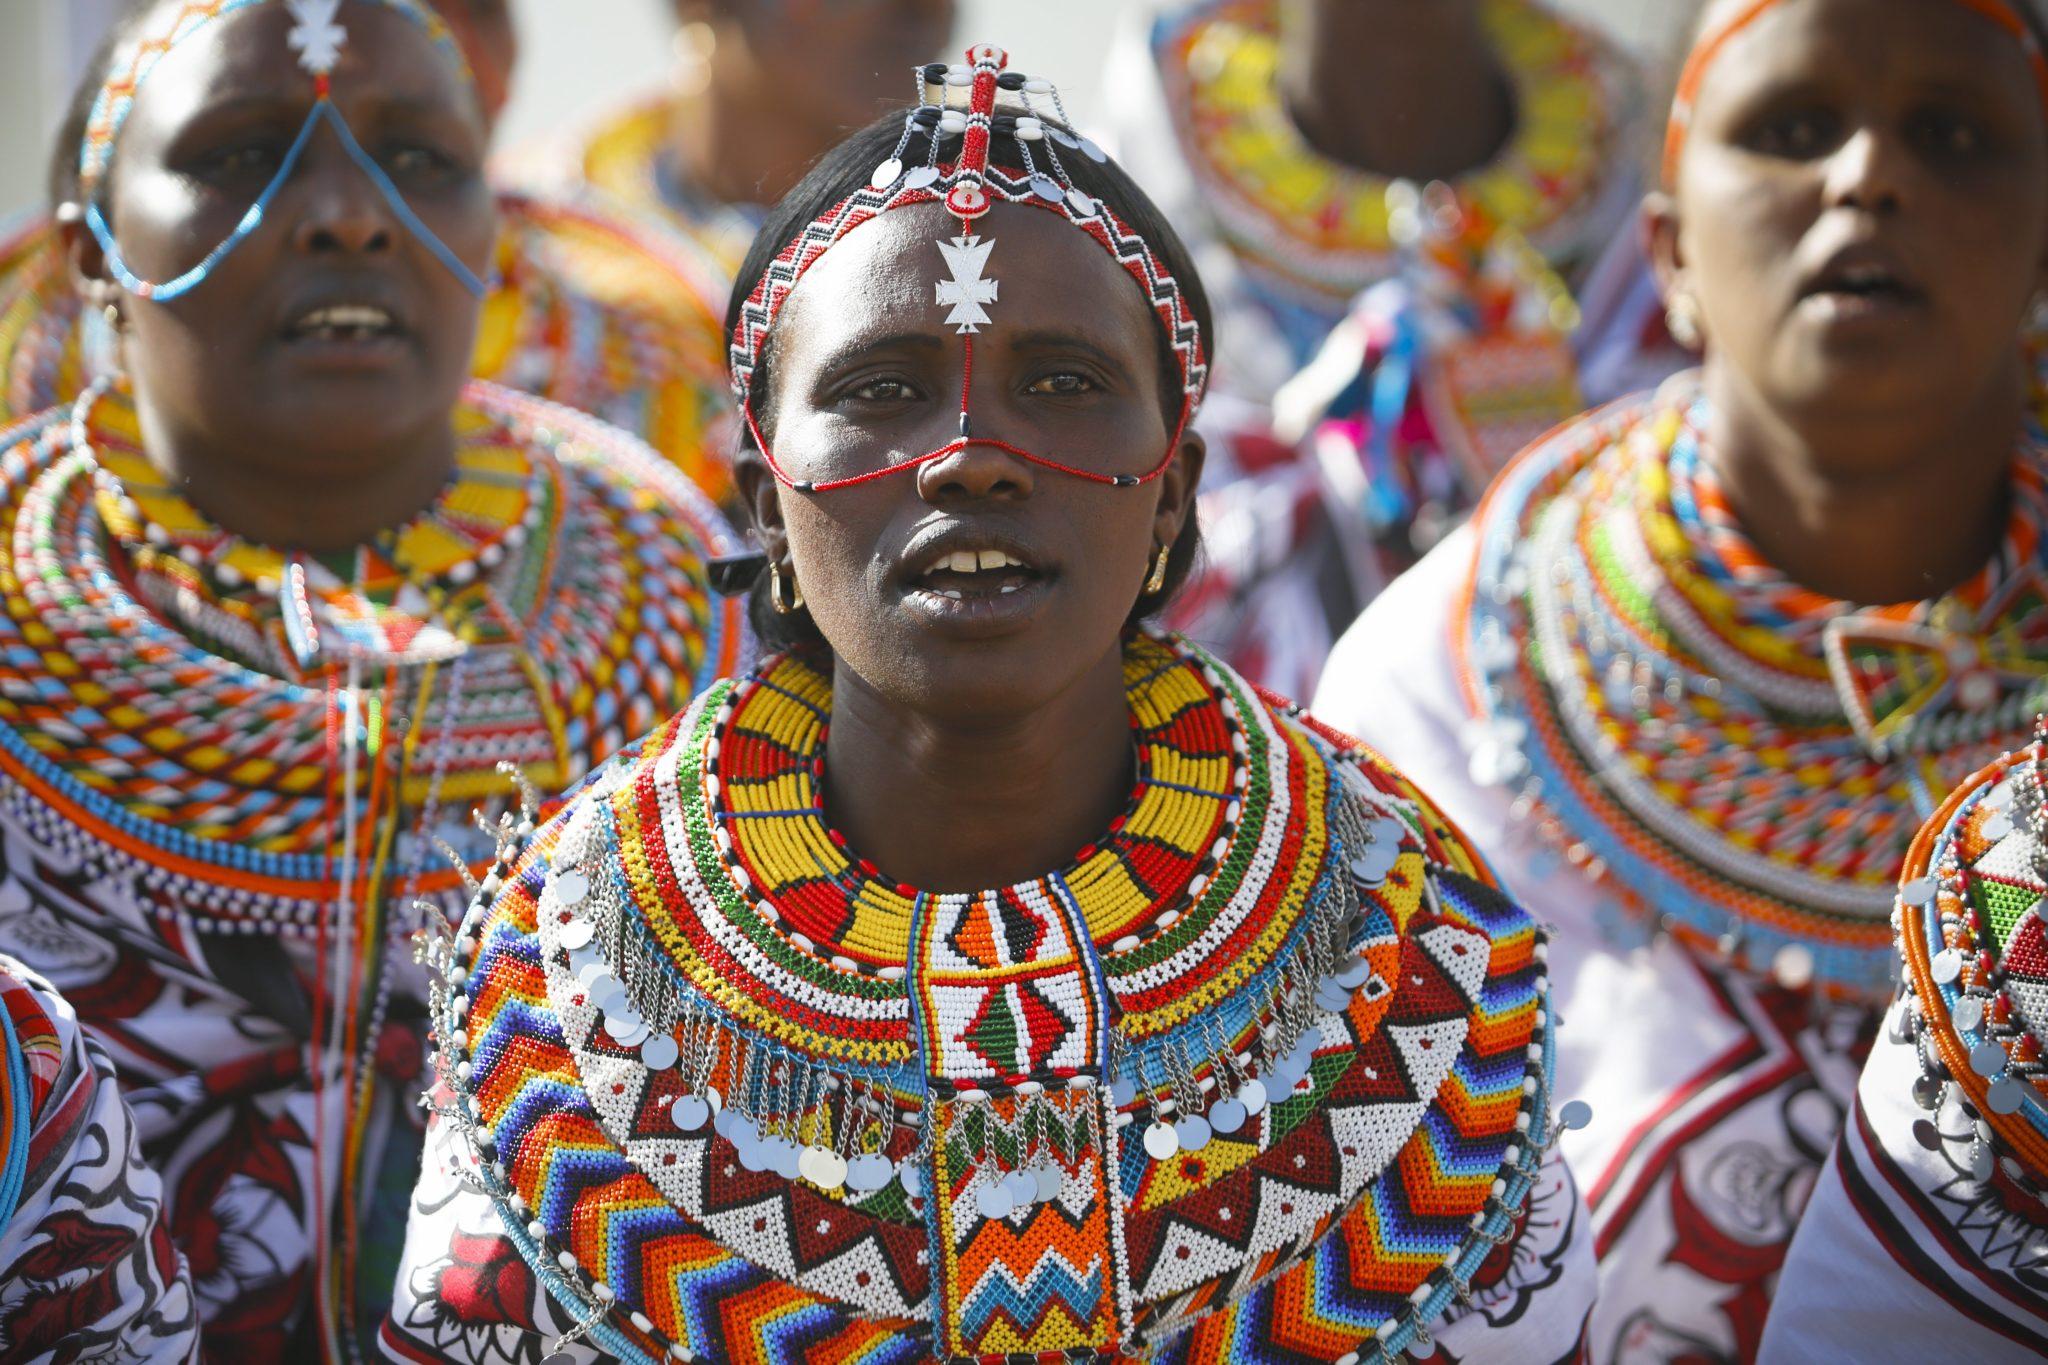 Kenia: wizyta szefa ONZ w Kenii (foto. PAP/EPA/DAI KUROKAWA )